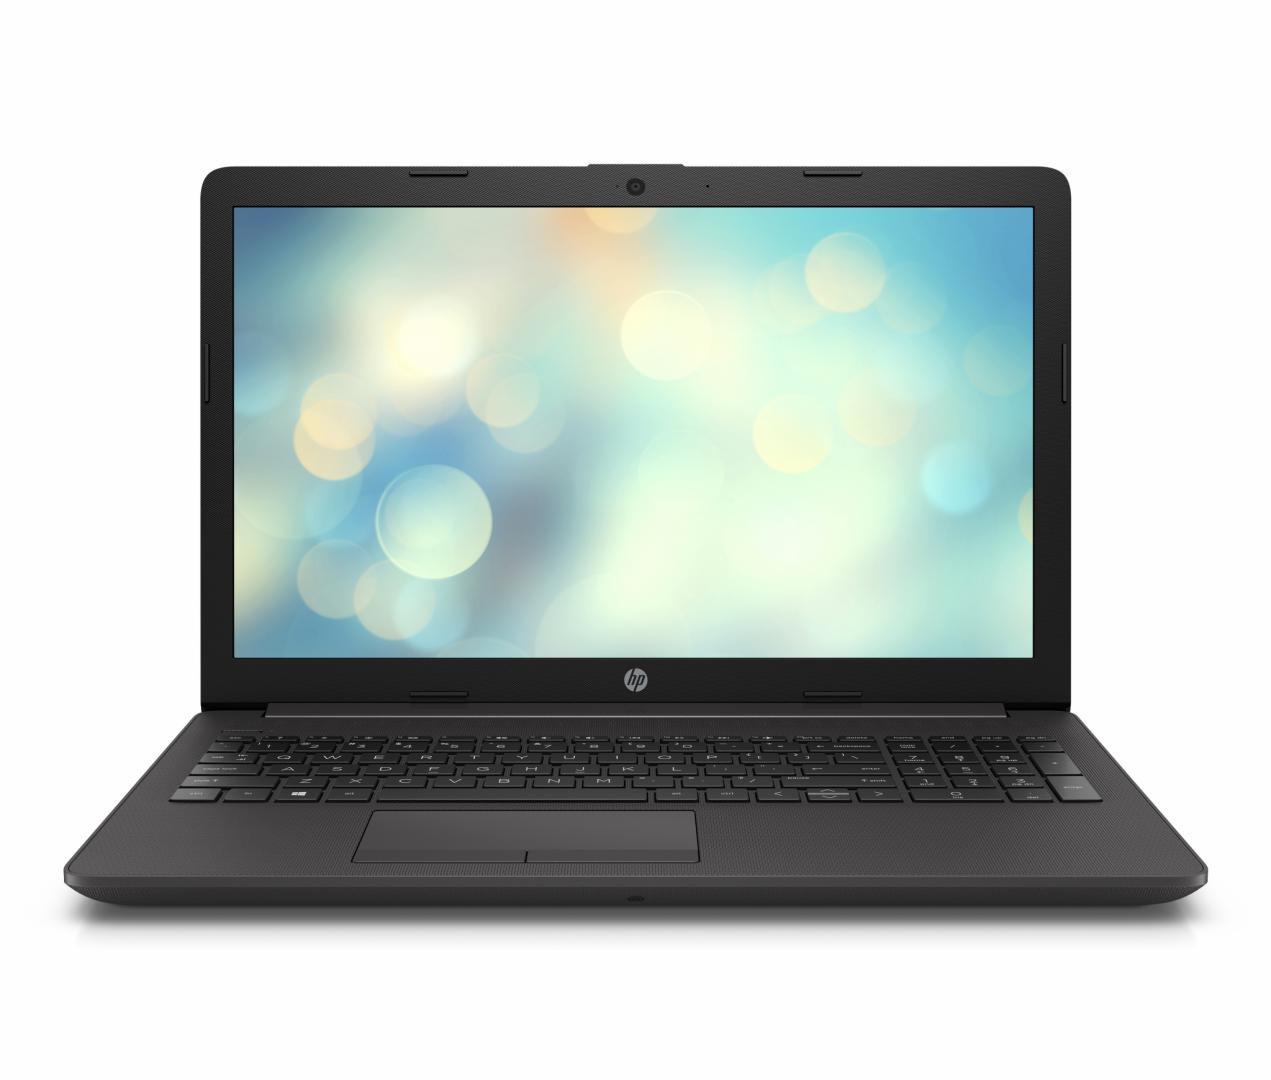 """NOTEBOOK HP 250G7 15.6"""" FHD i5-1035G1 8GB 256GB UMA DOS - imaginea 1"""